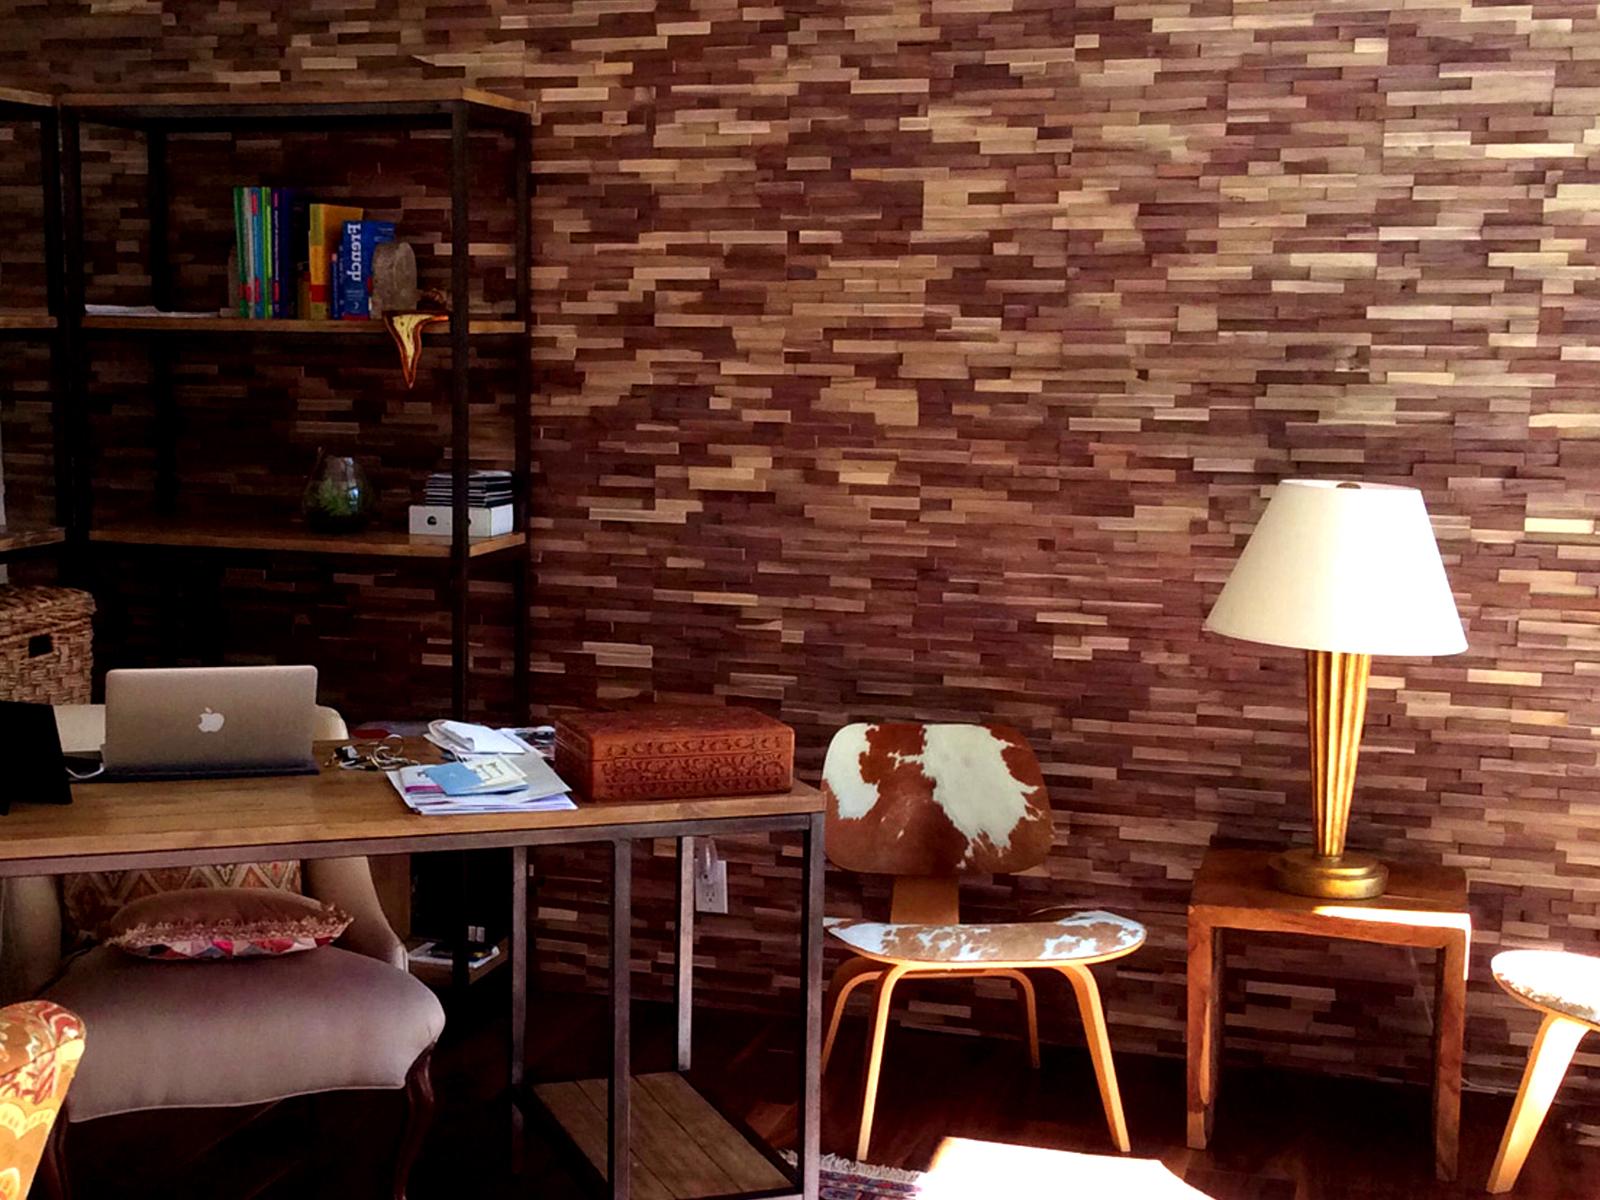 3D fa falburkolat egy otthoni irodában